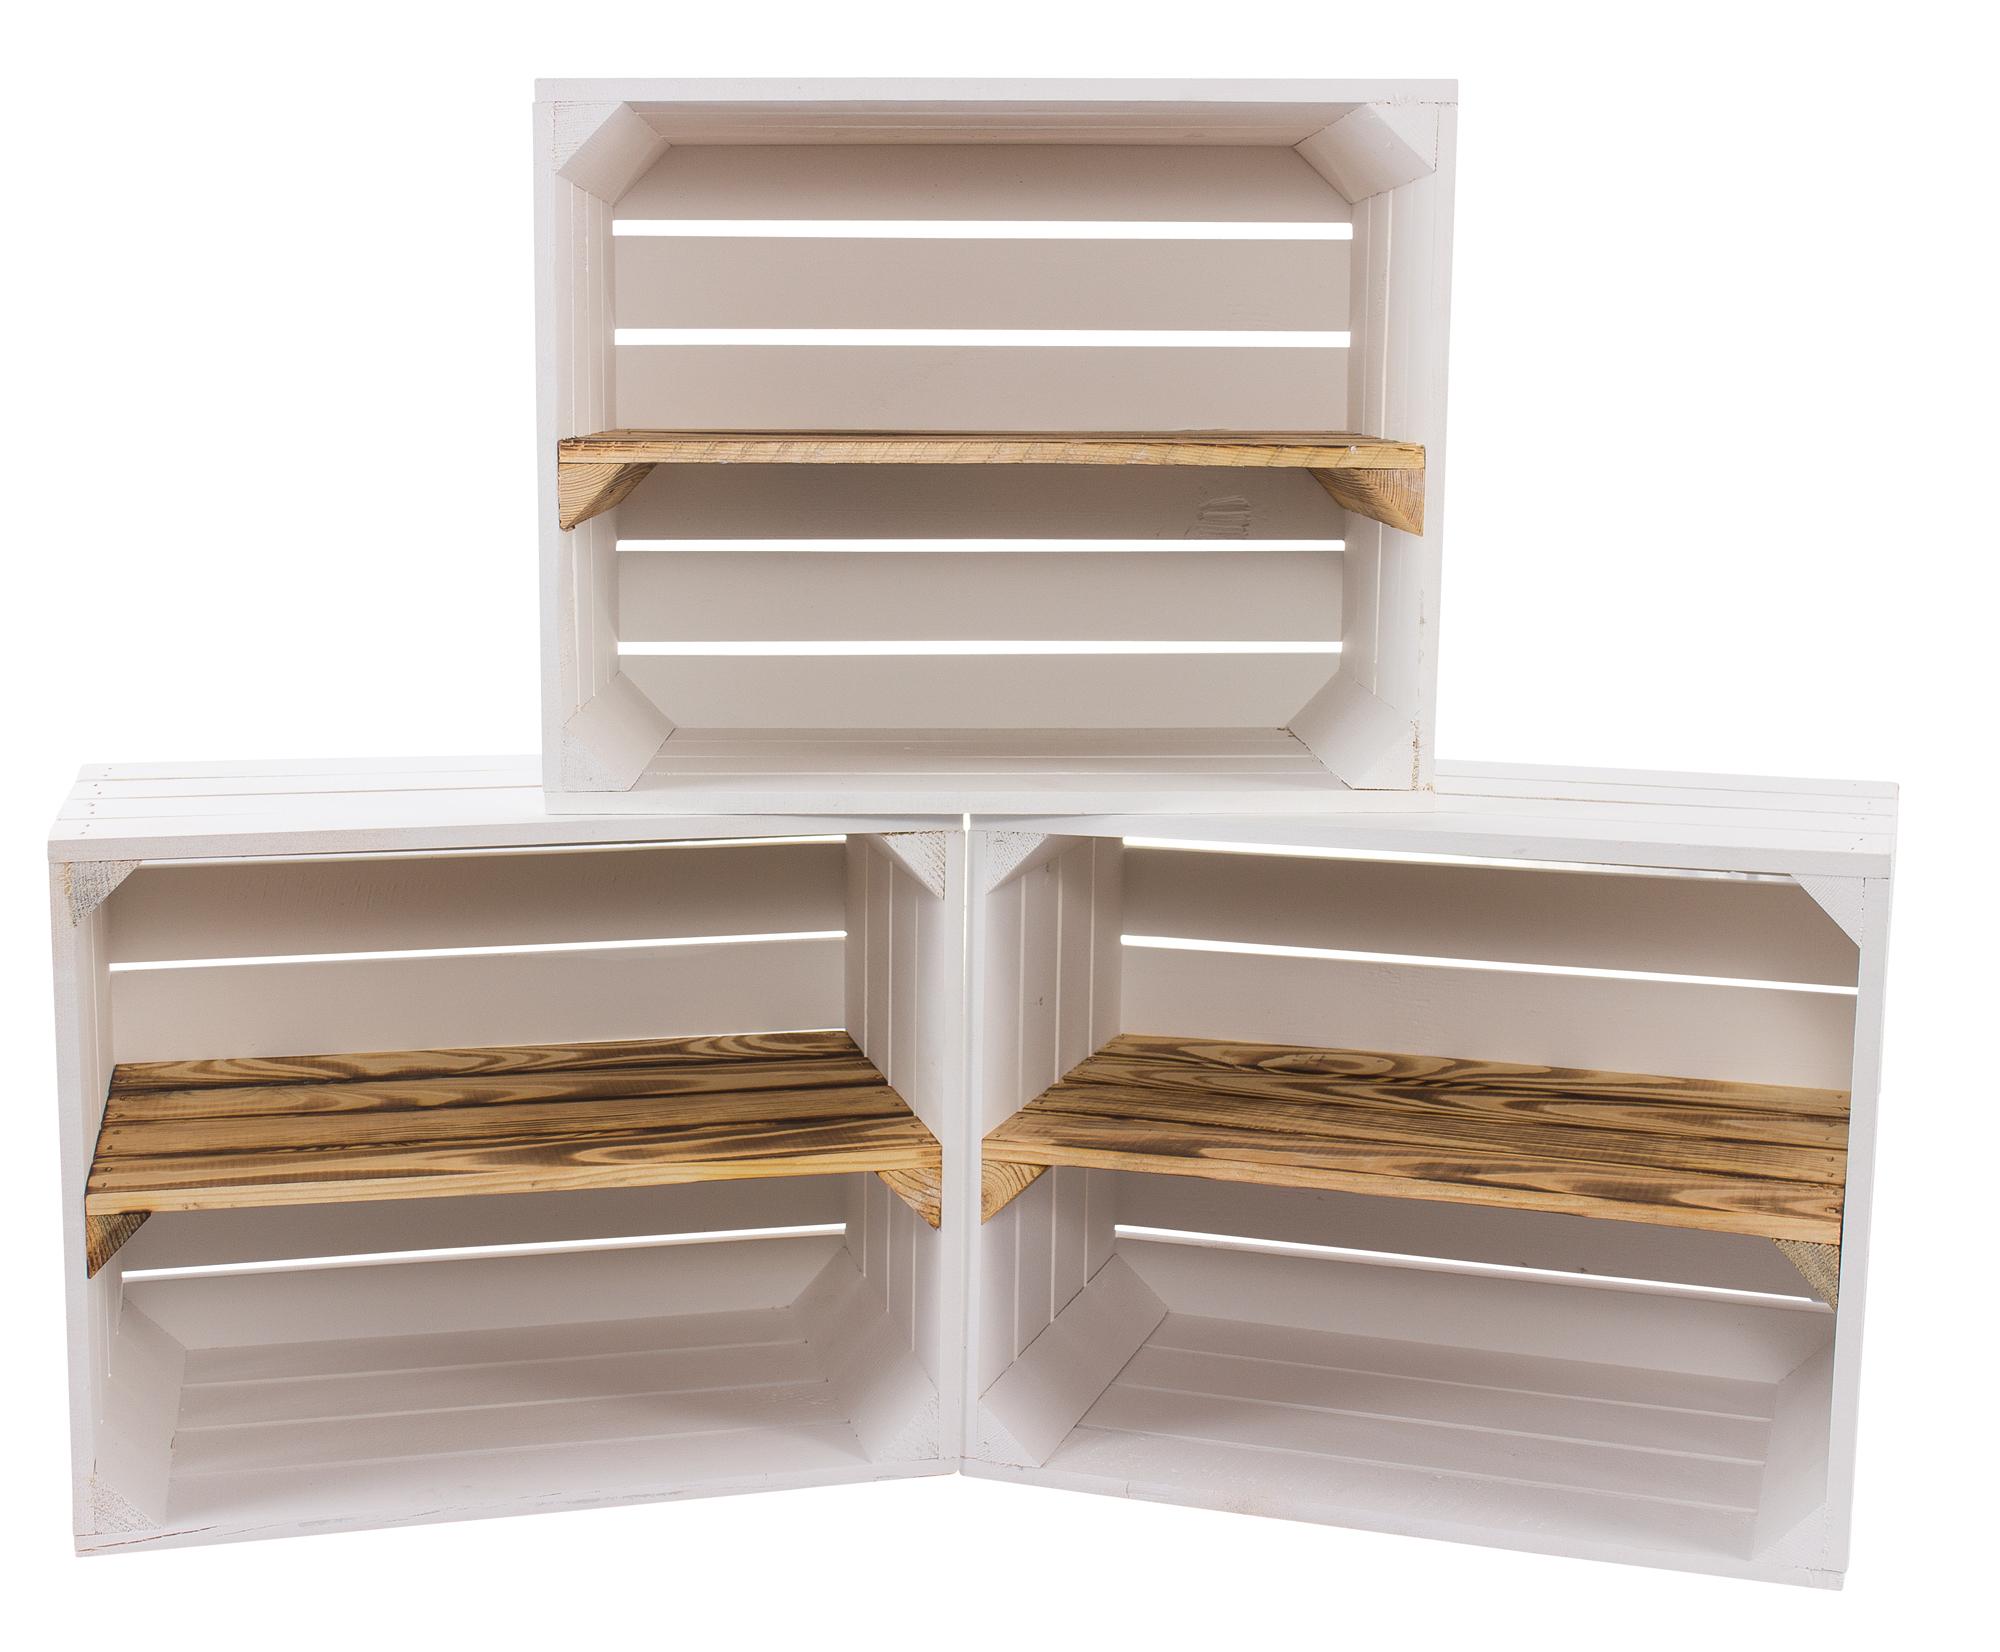 6 Weiße Holzkiste mit geflammtem Mittelbrett -längs- 50x40x30cm